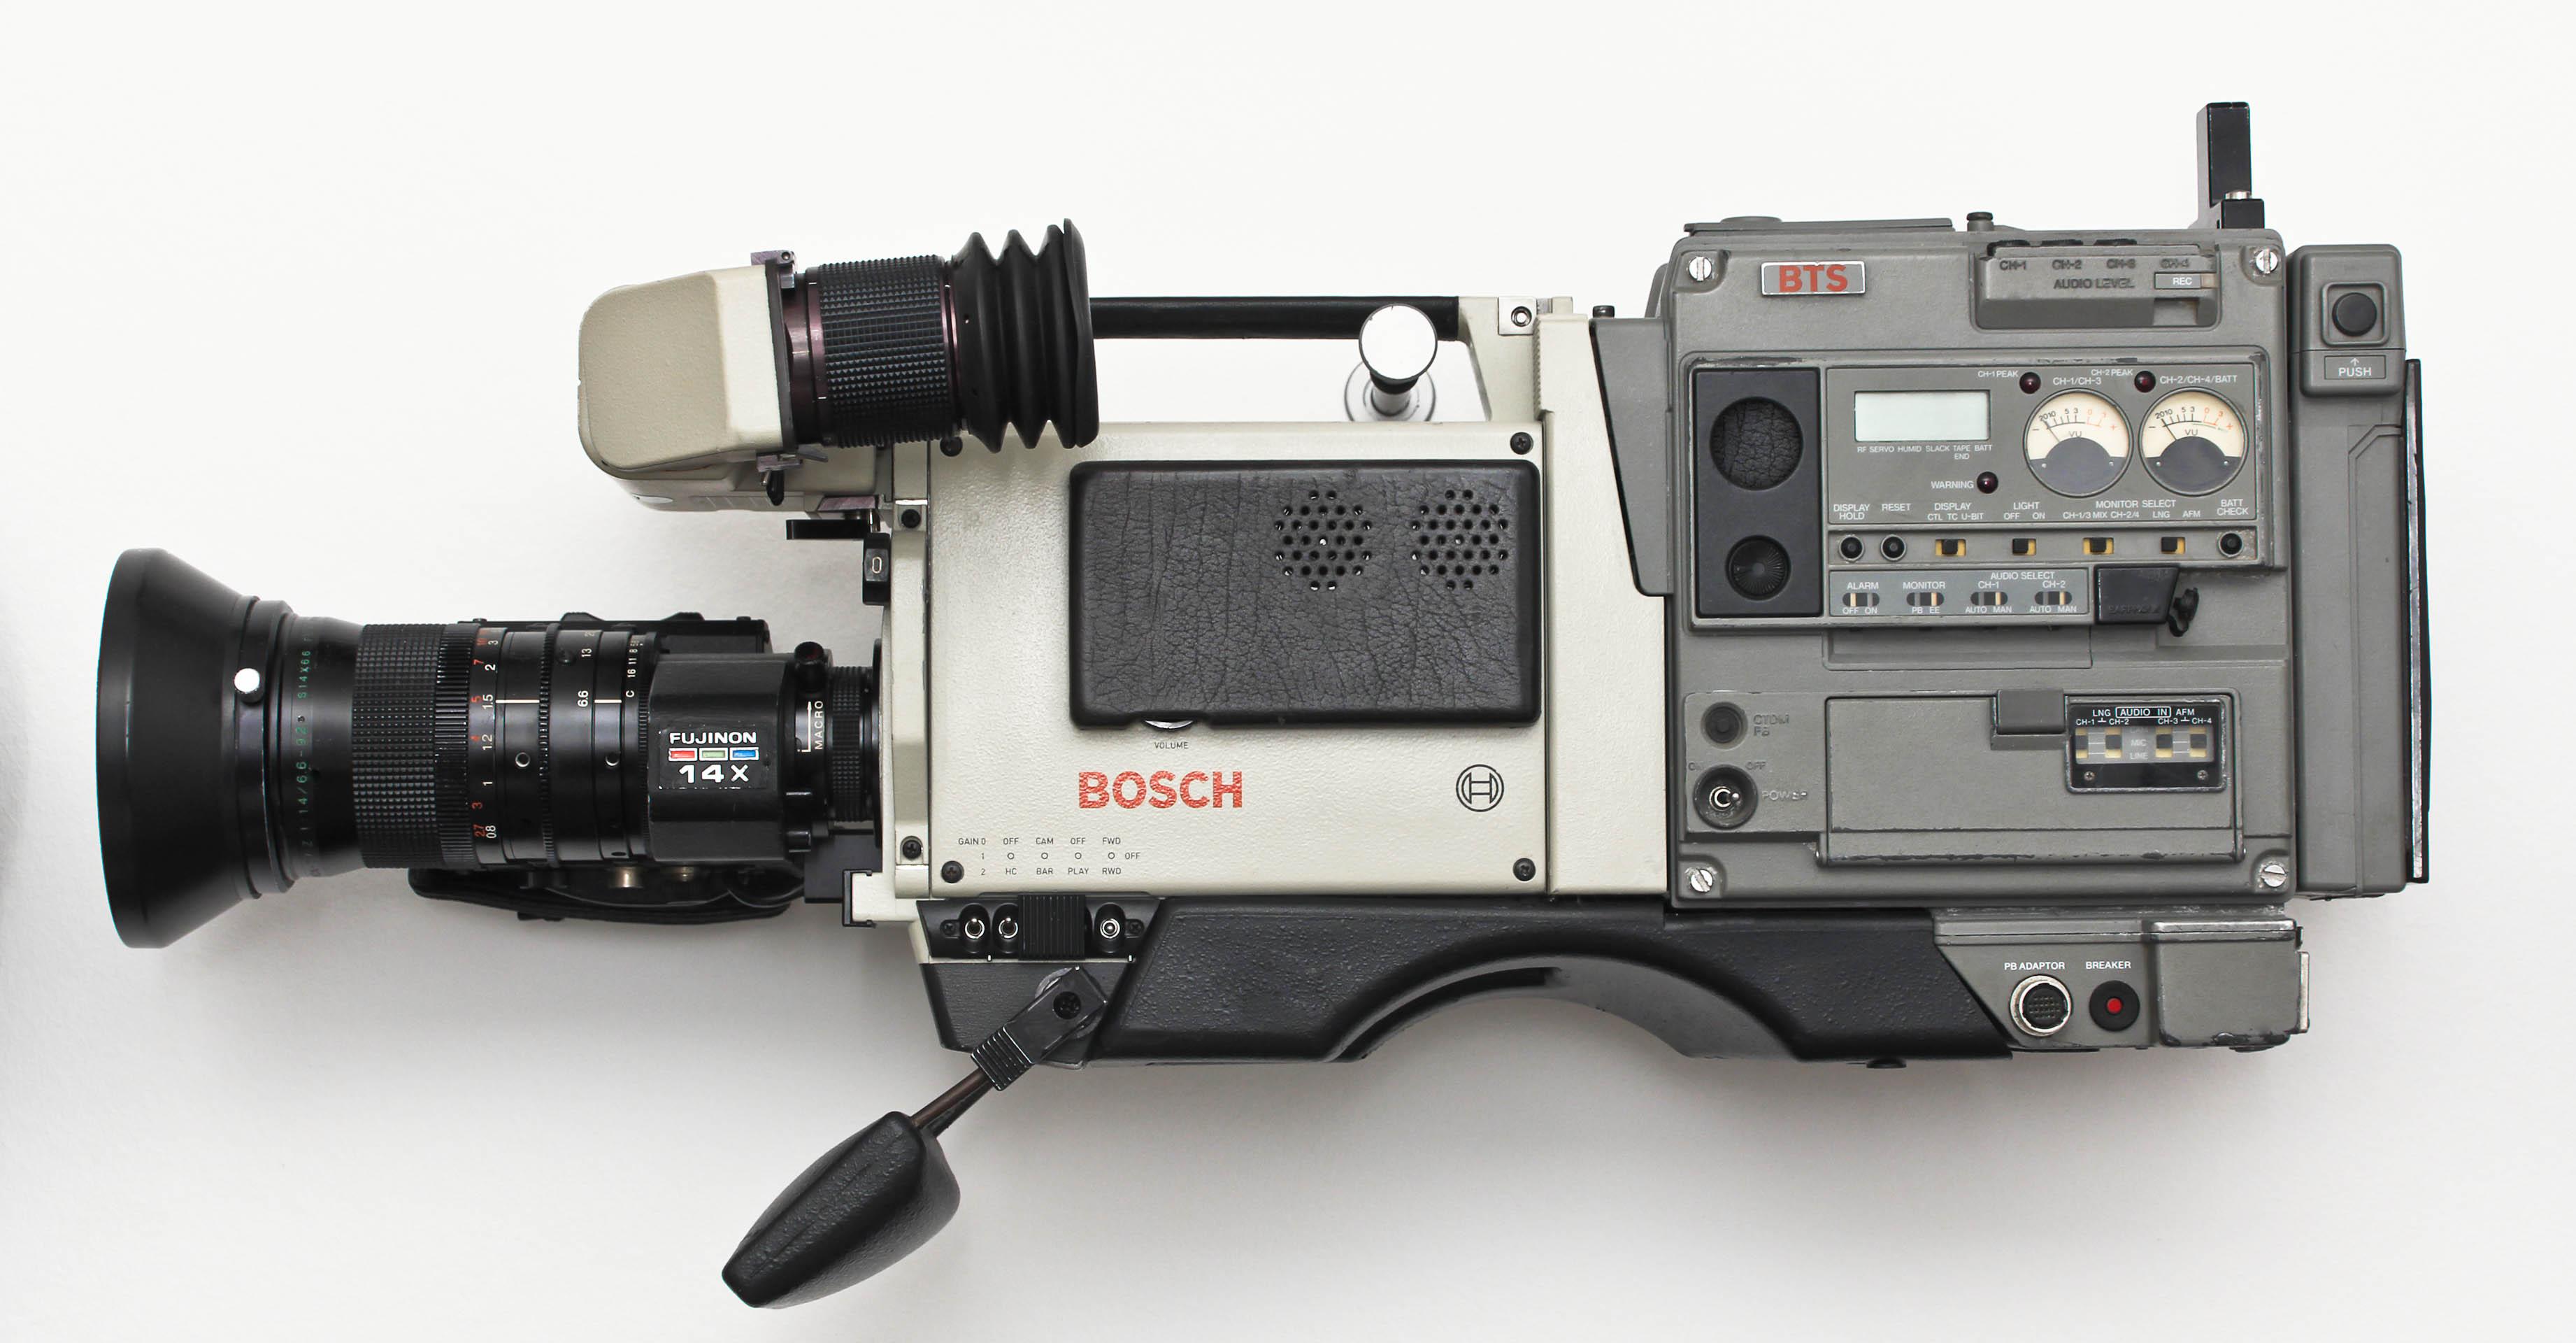 Bosch Fernseh KCF-1 BTS BCC 5 (1 von 1)